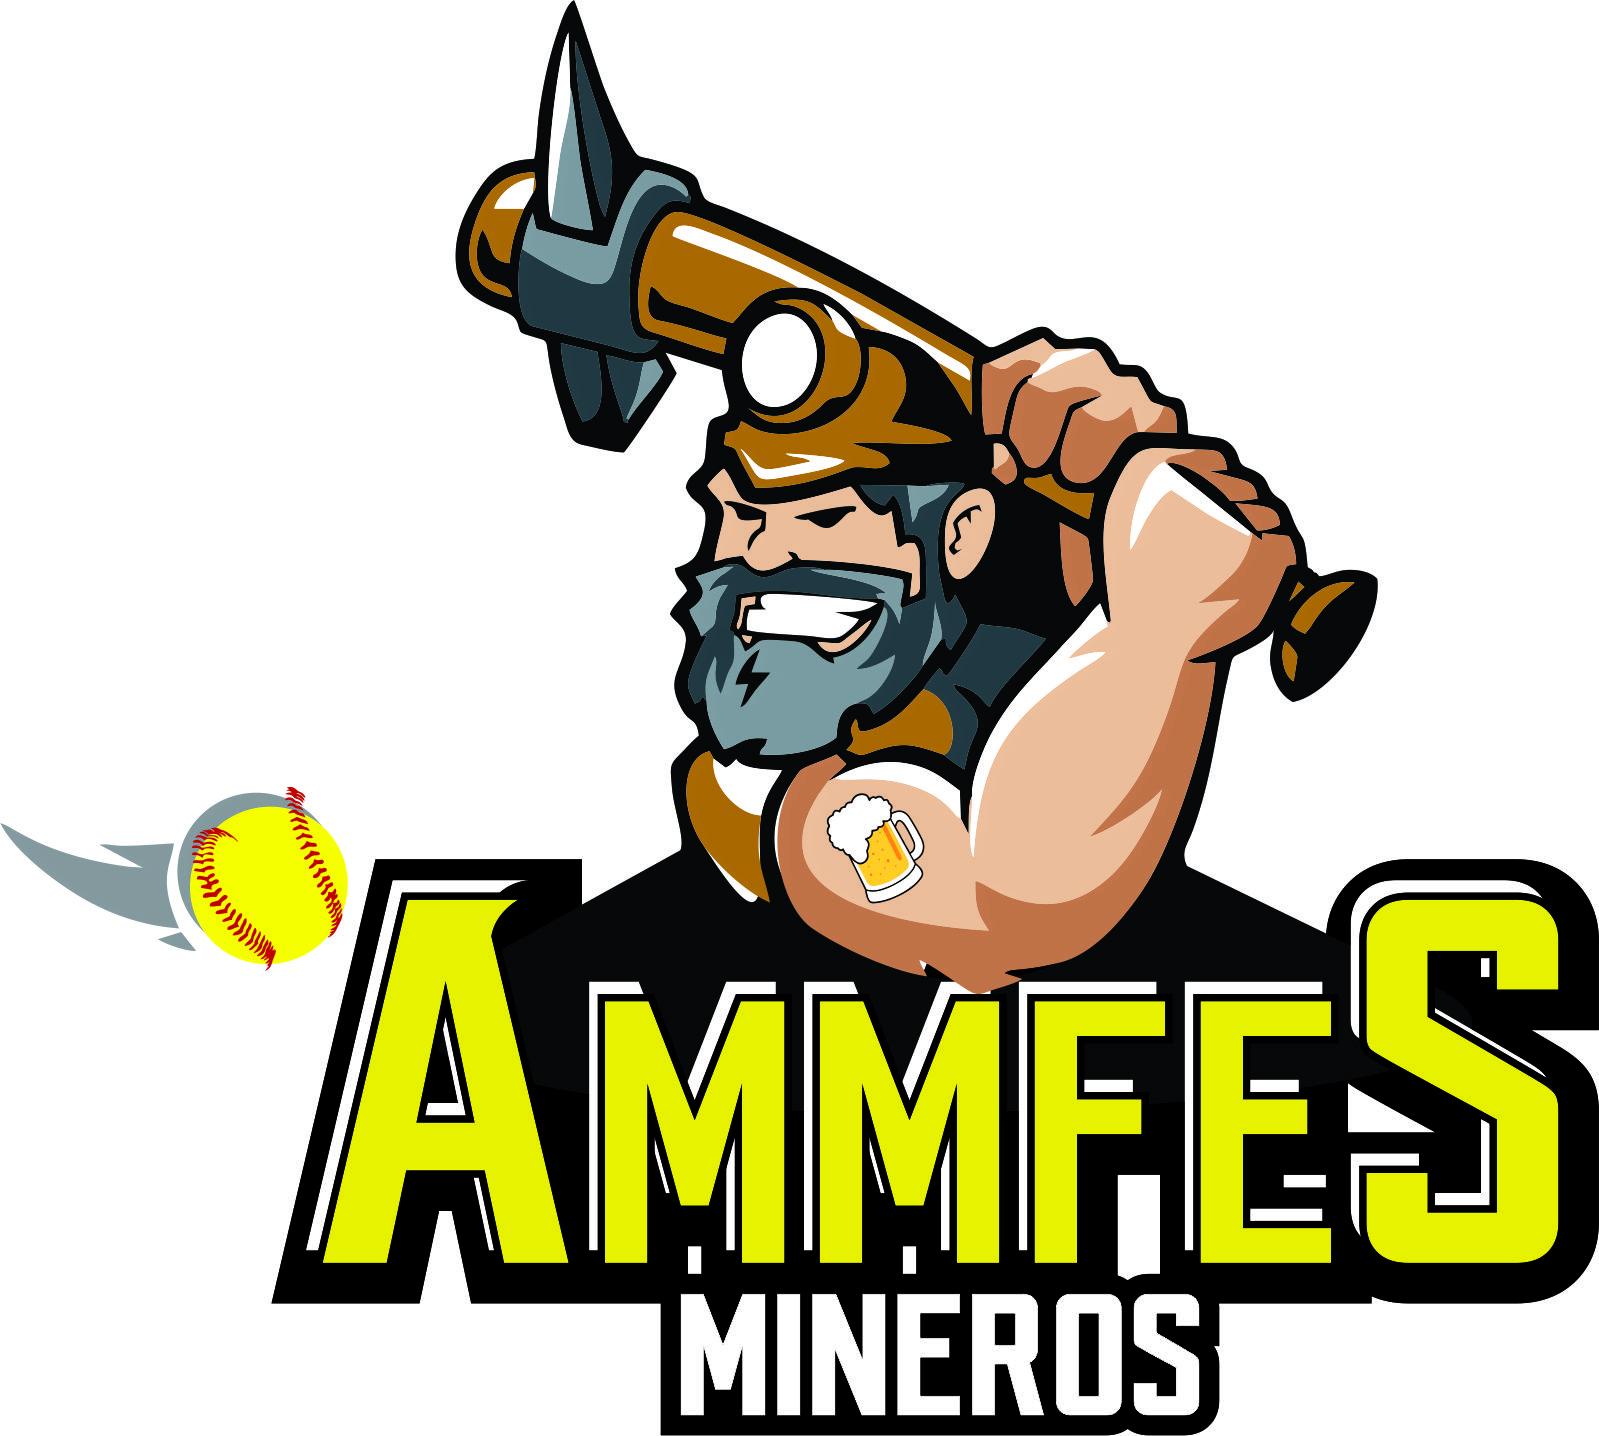 AMMFES